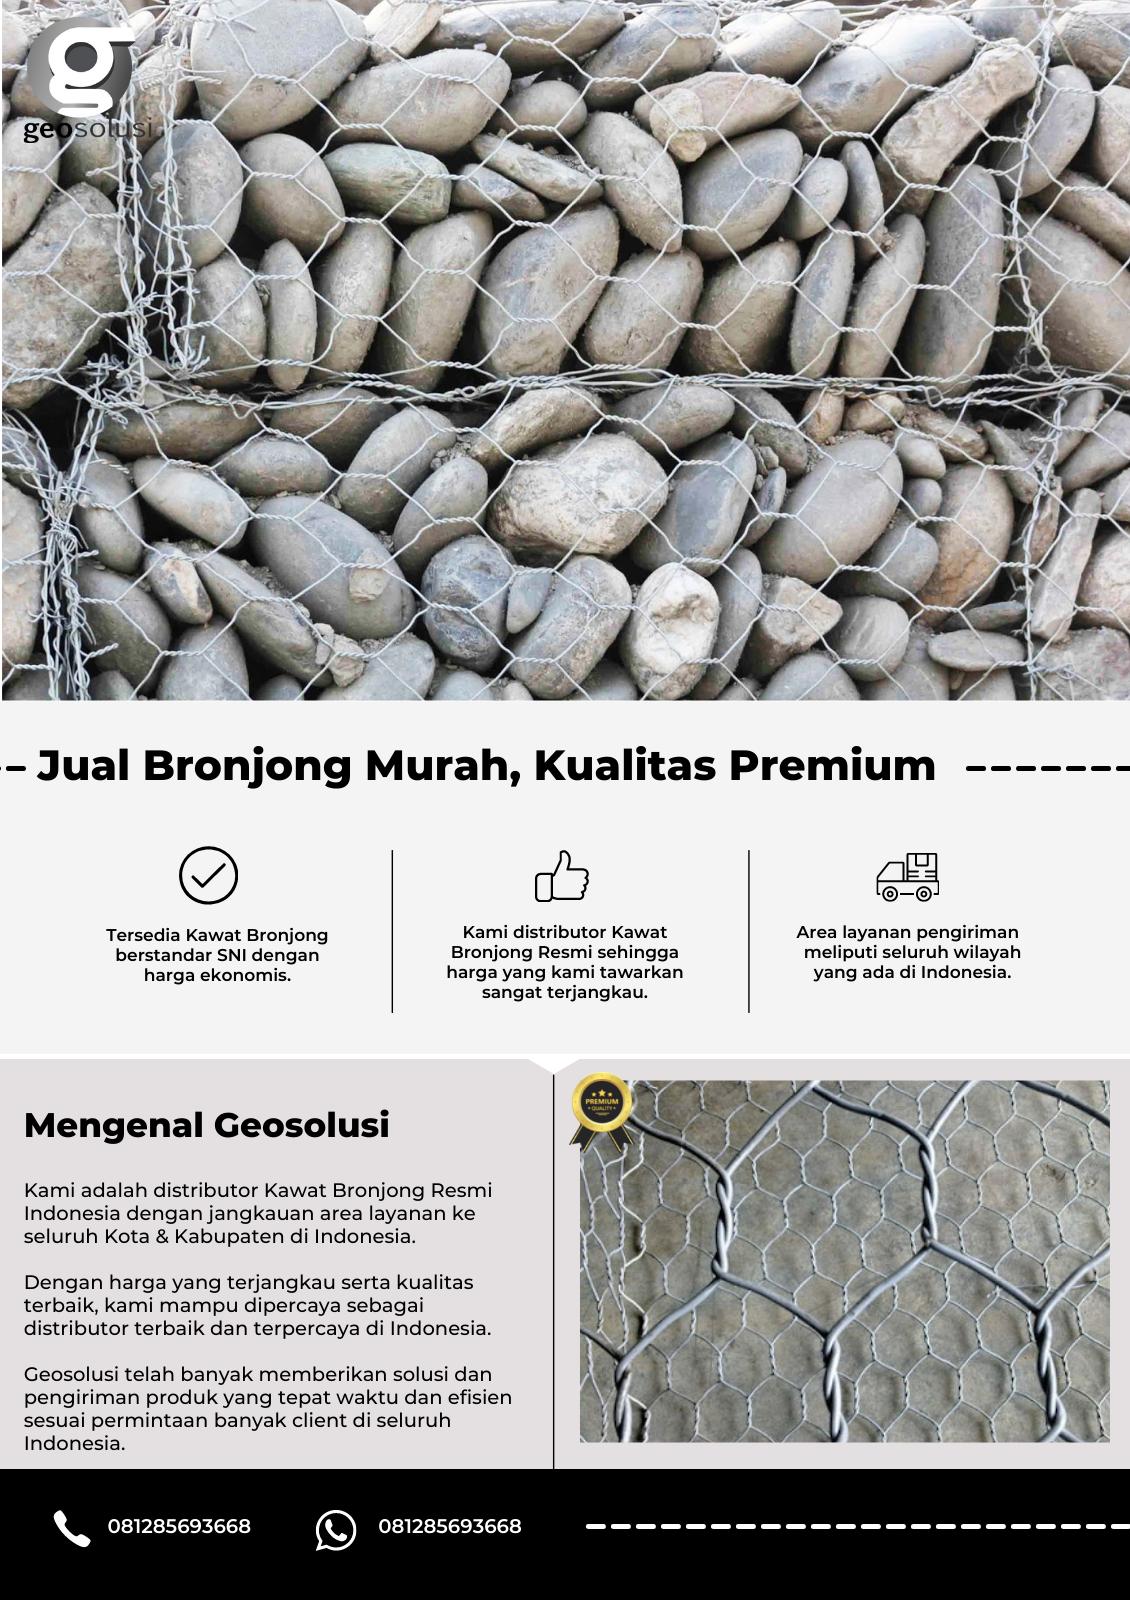 Jual Bronjong Murah, Kualitas Premium